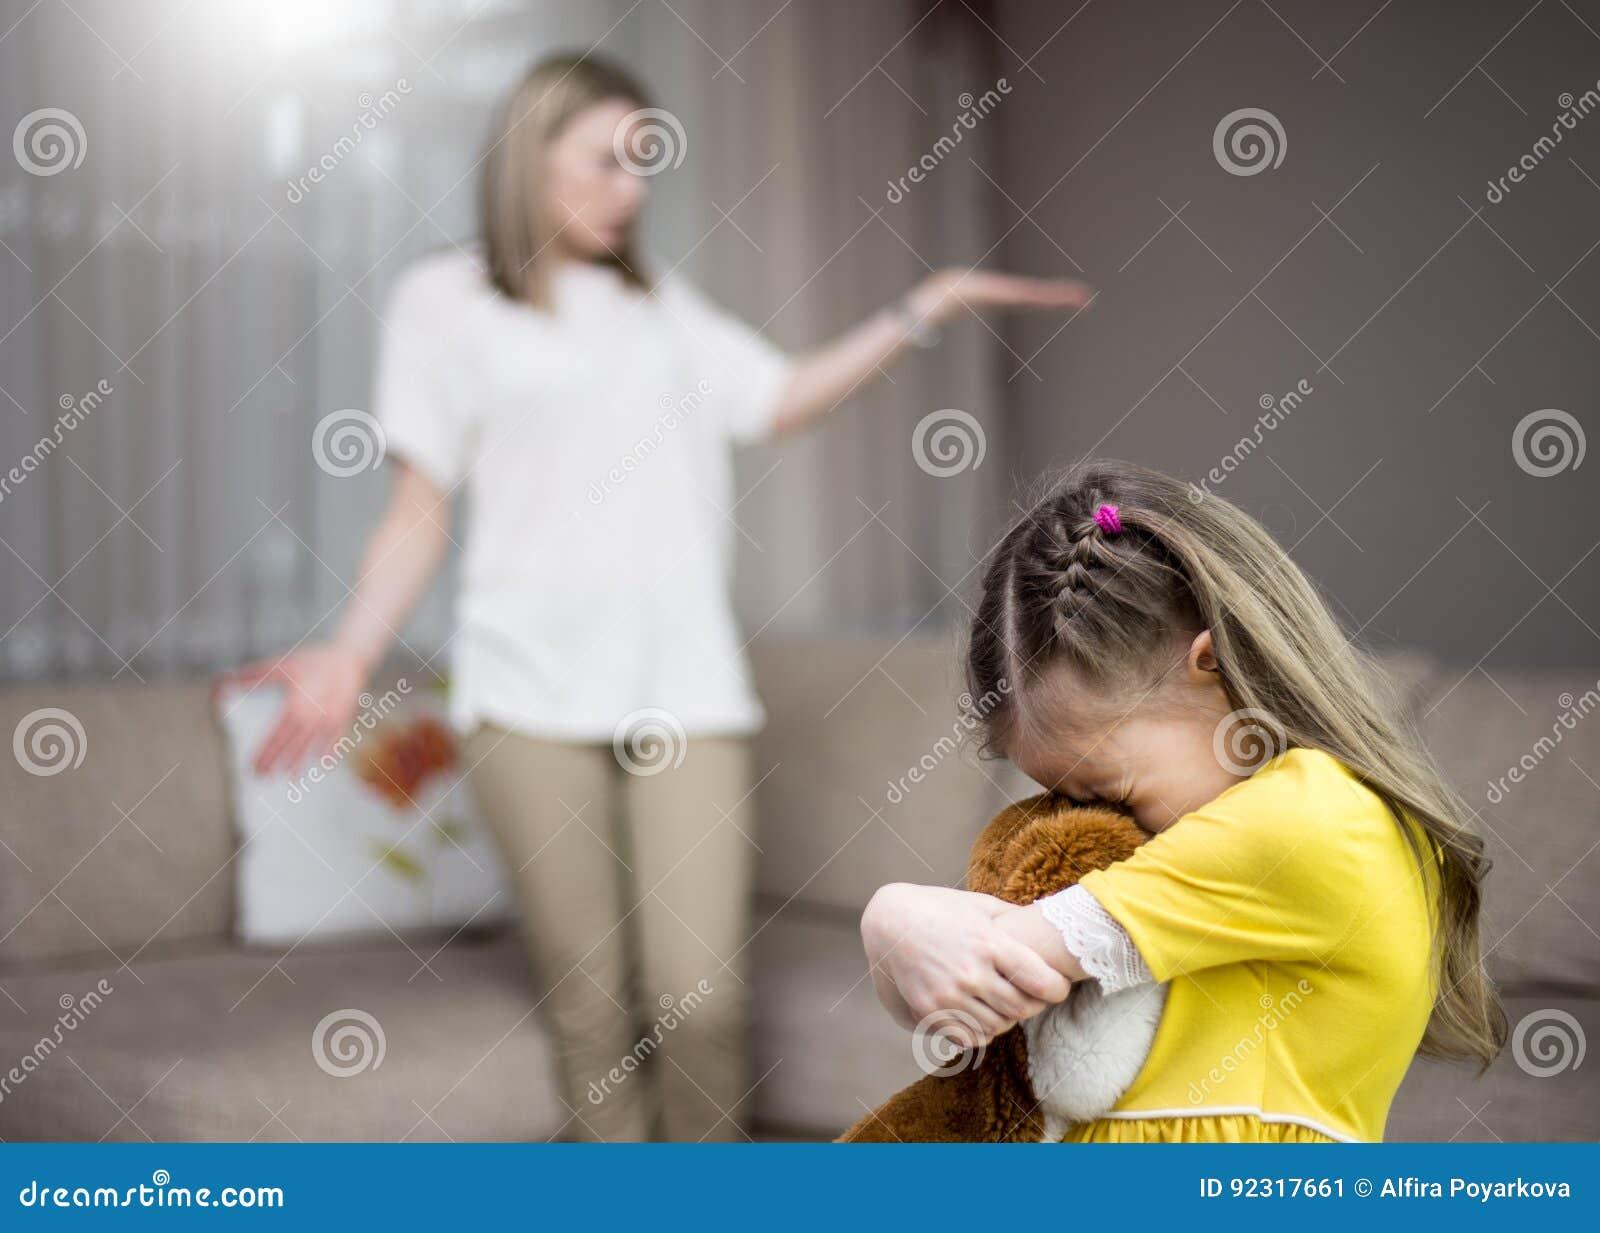 Η μητέρα επιπλήττει την κόρη της Οικογενειακές σχέσεις Η εκπαίδευση του παιδιού